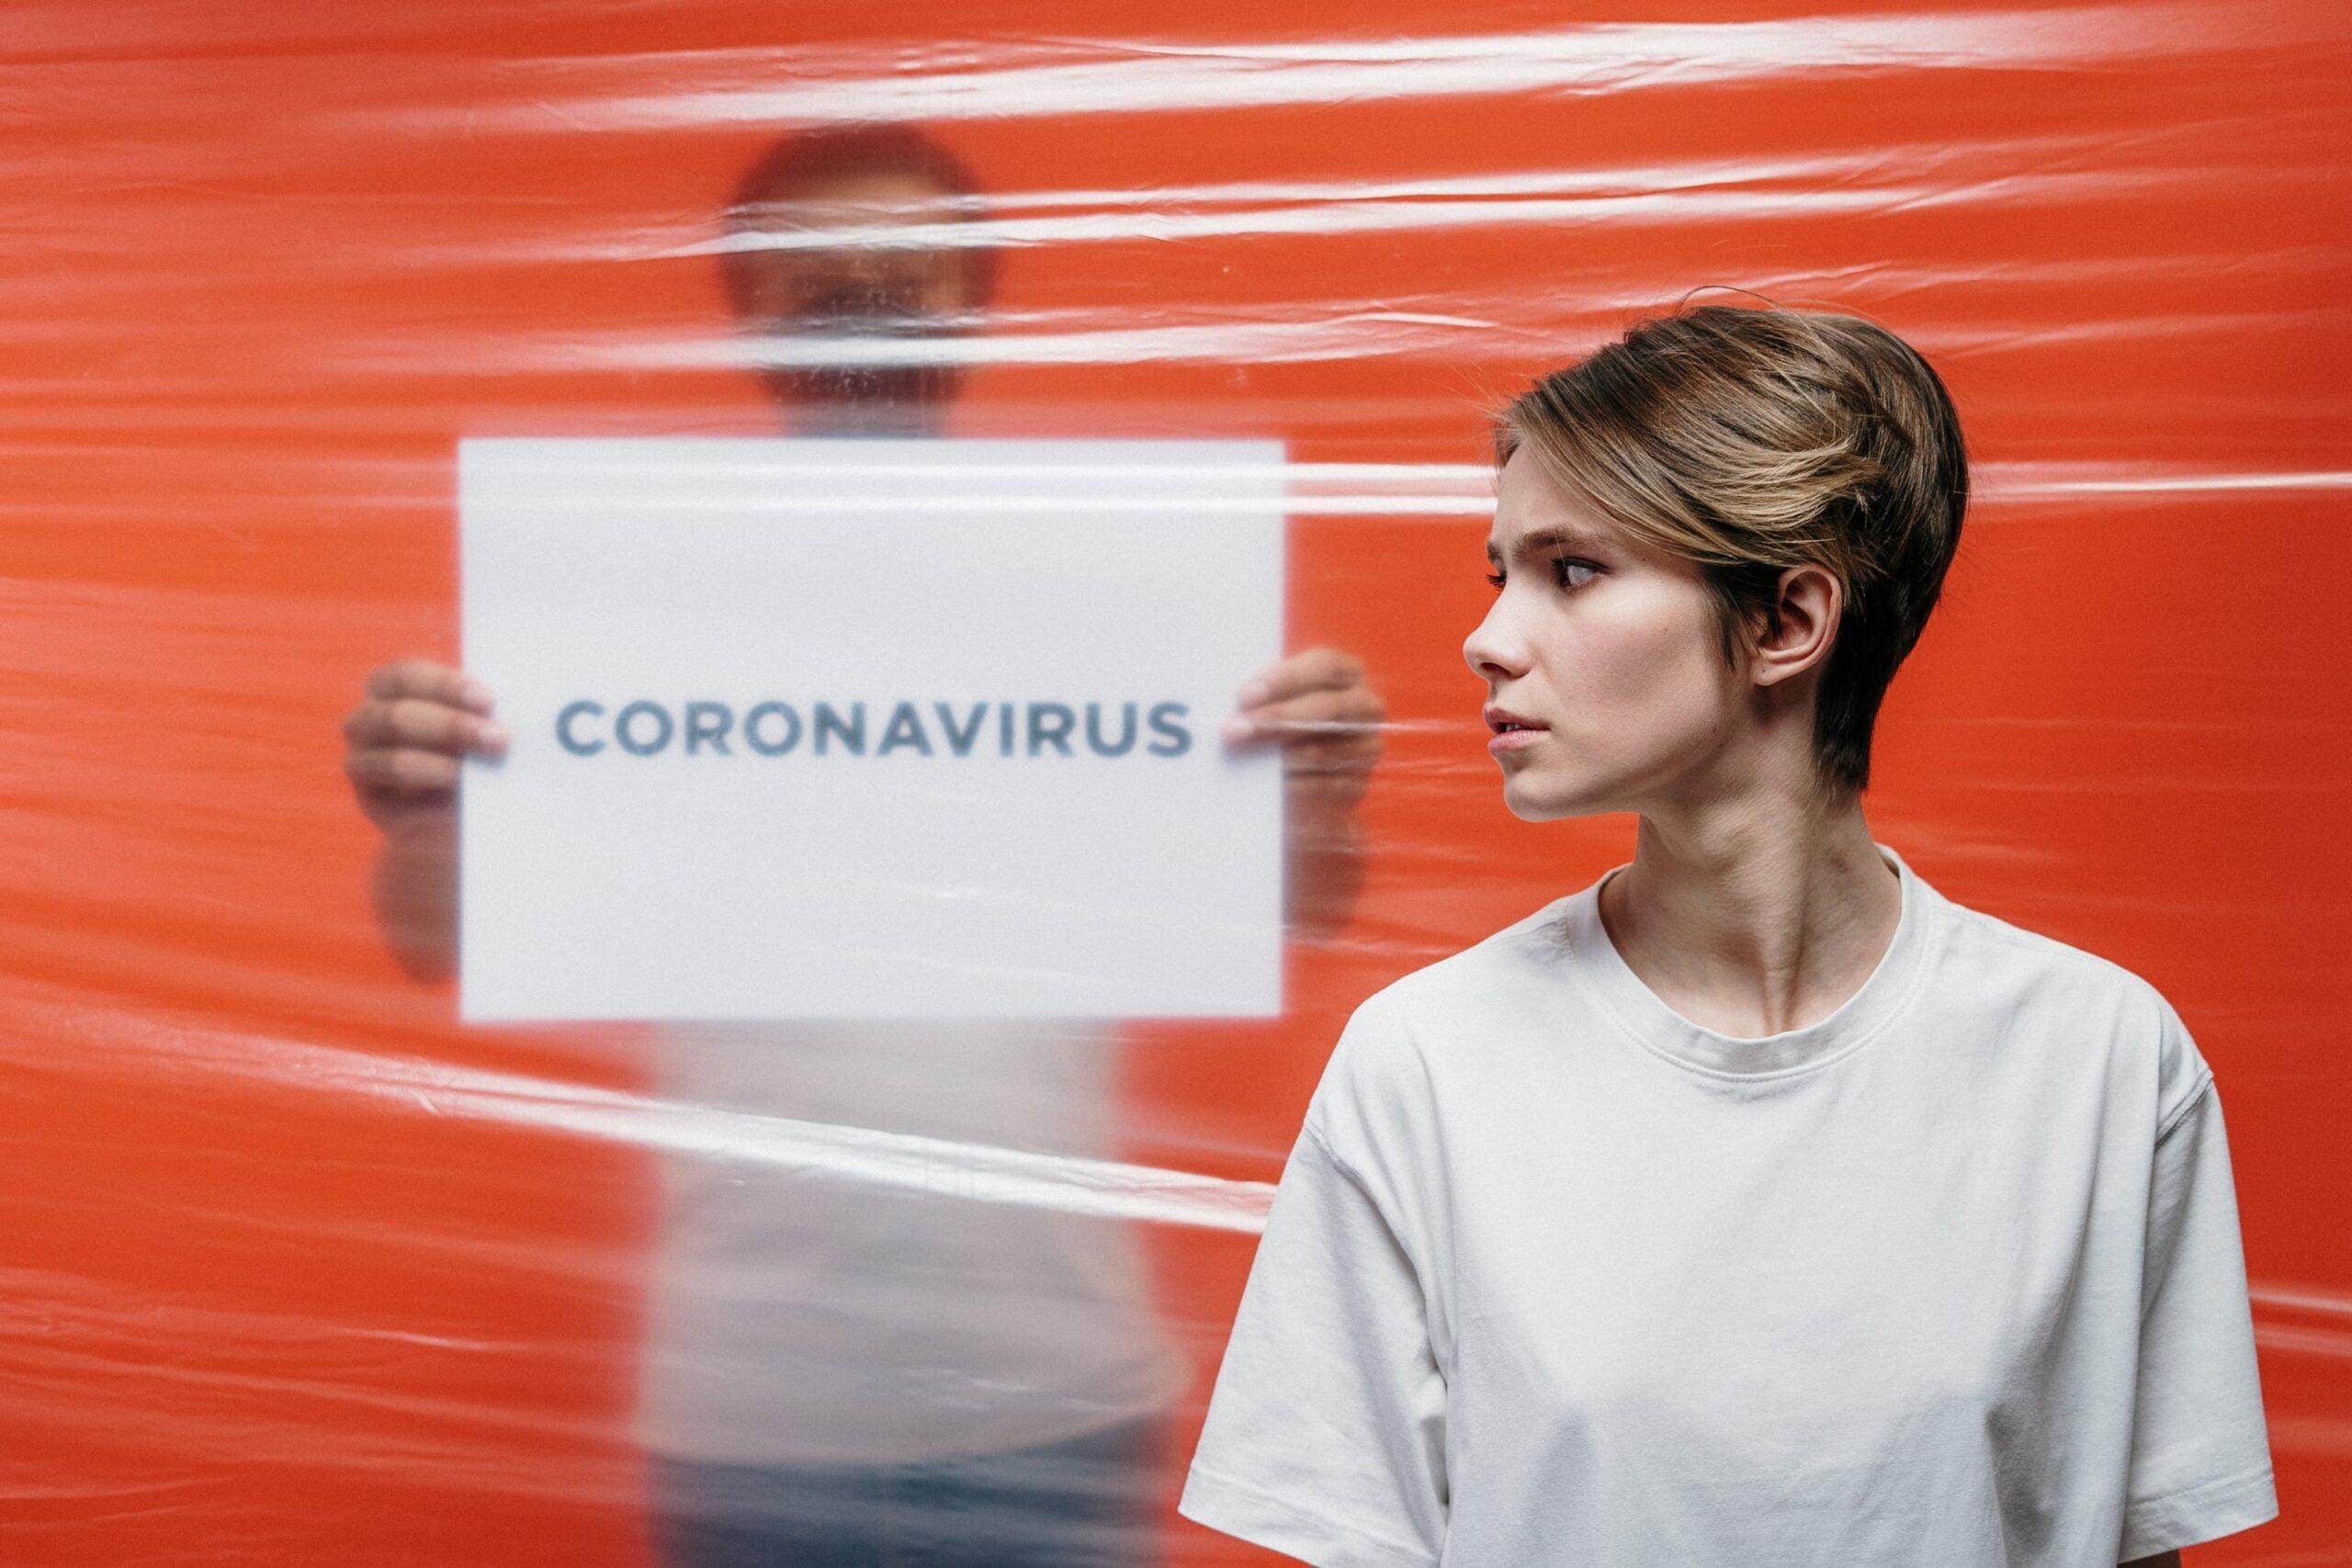 Emergenza Covid- 19 e Terapia a Seduta Singola: come affrontare la crisi dei servizi di salute mentale